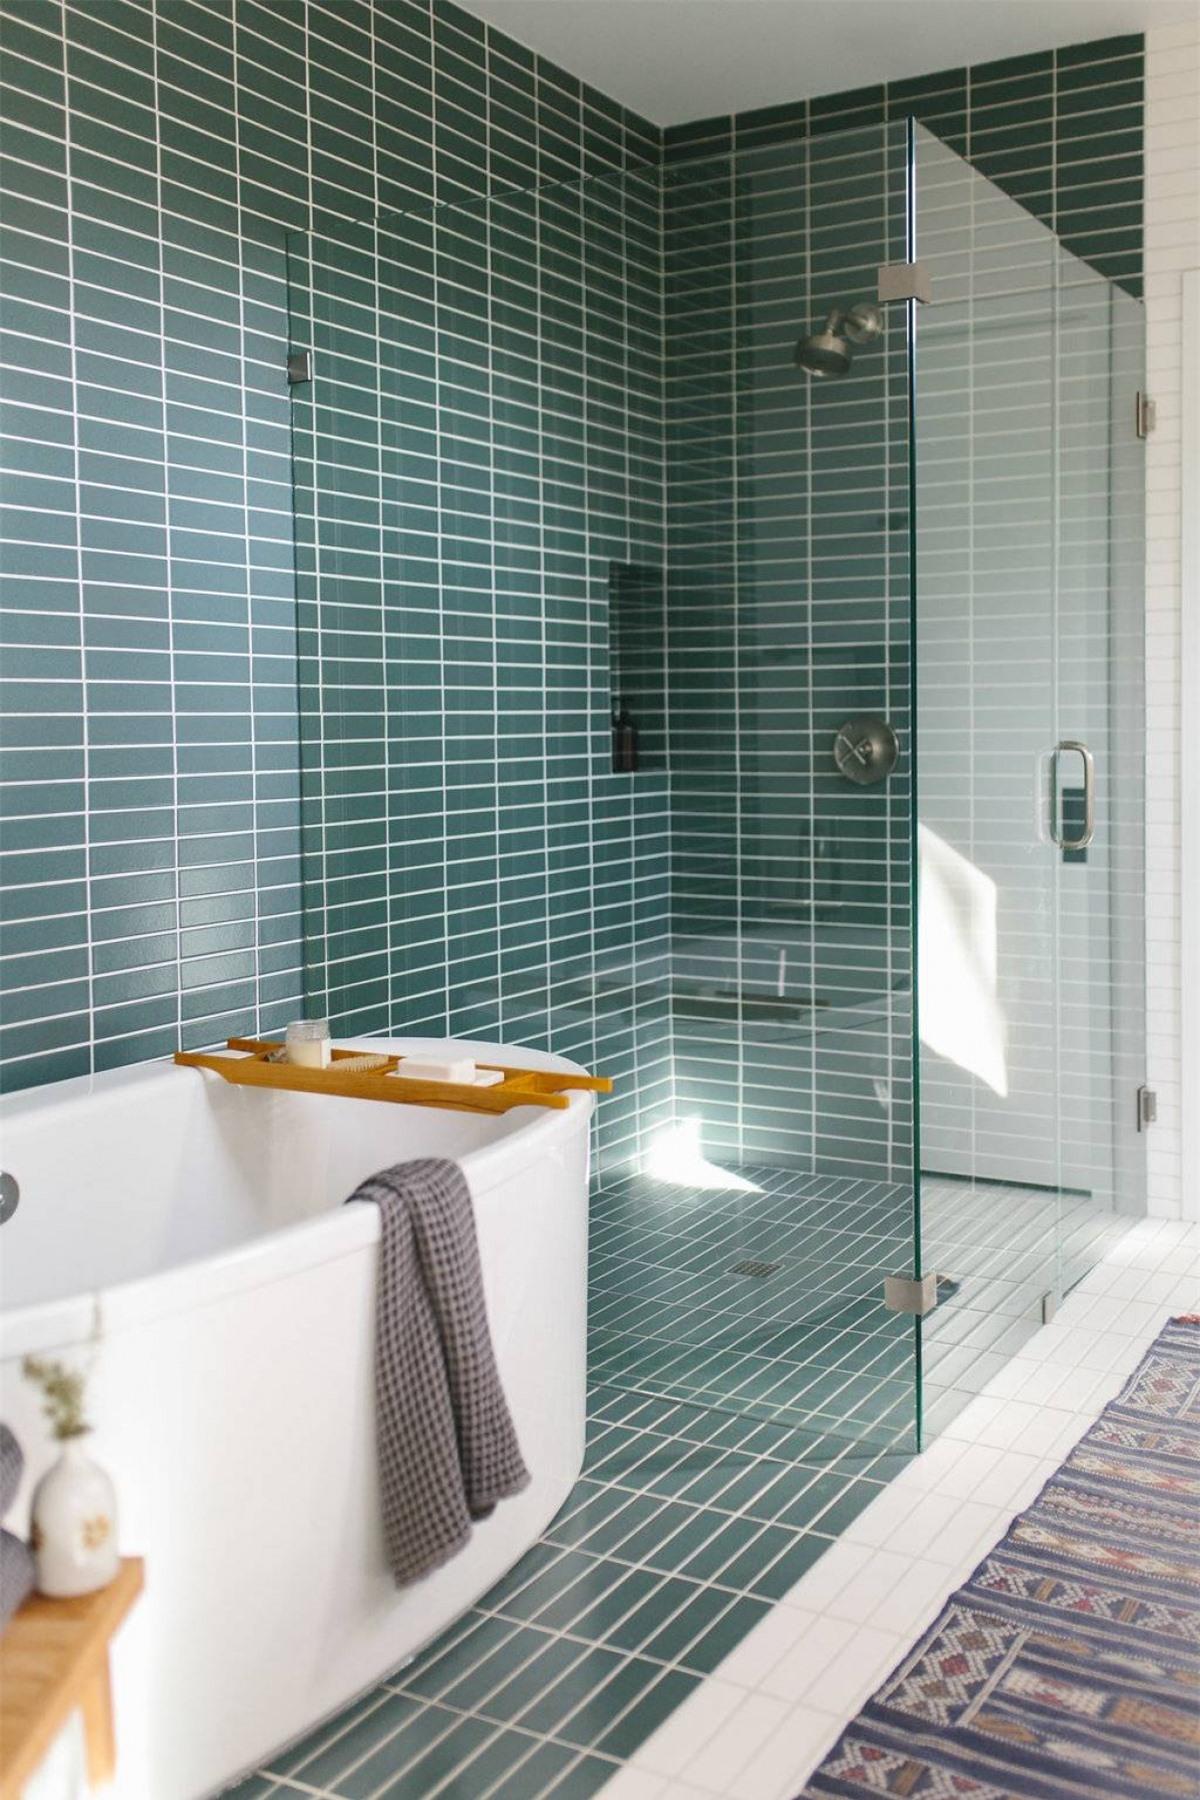 Không may căn phòng tắm nhà bạn có diện tích eo hẹp một chút thì đừng ngần ngại sử dụng vách kính, điều này sẽ tạo ảo giác căn phòng được rộng lớn hơn.